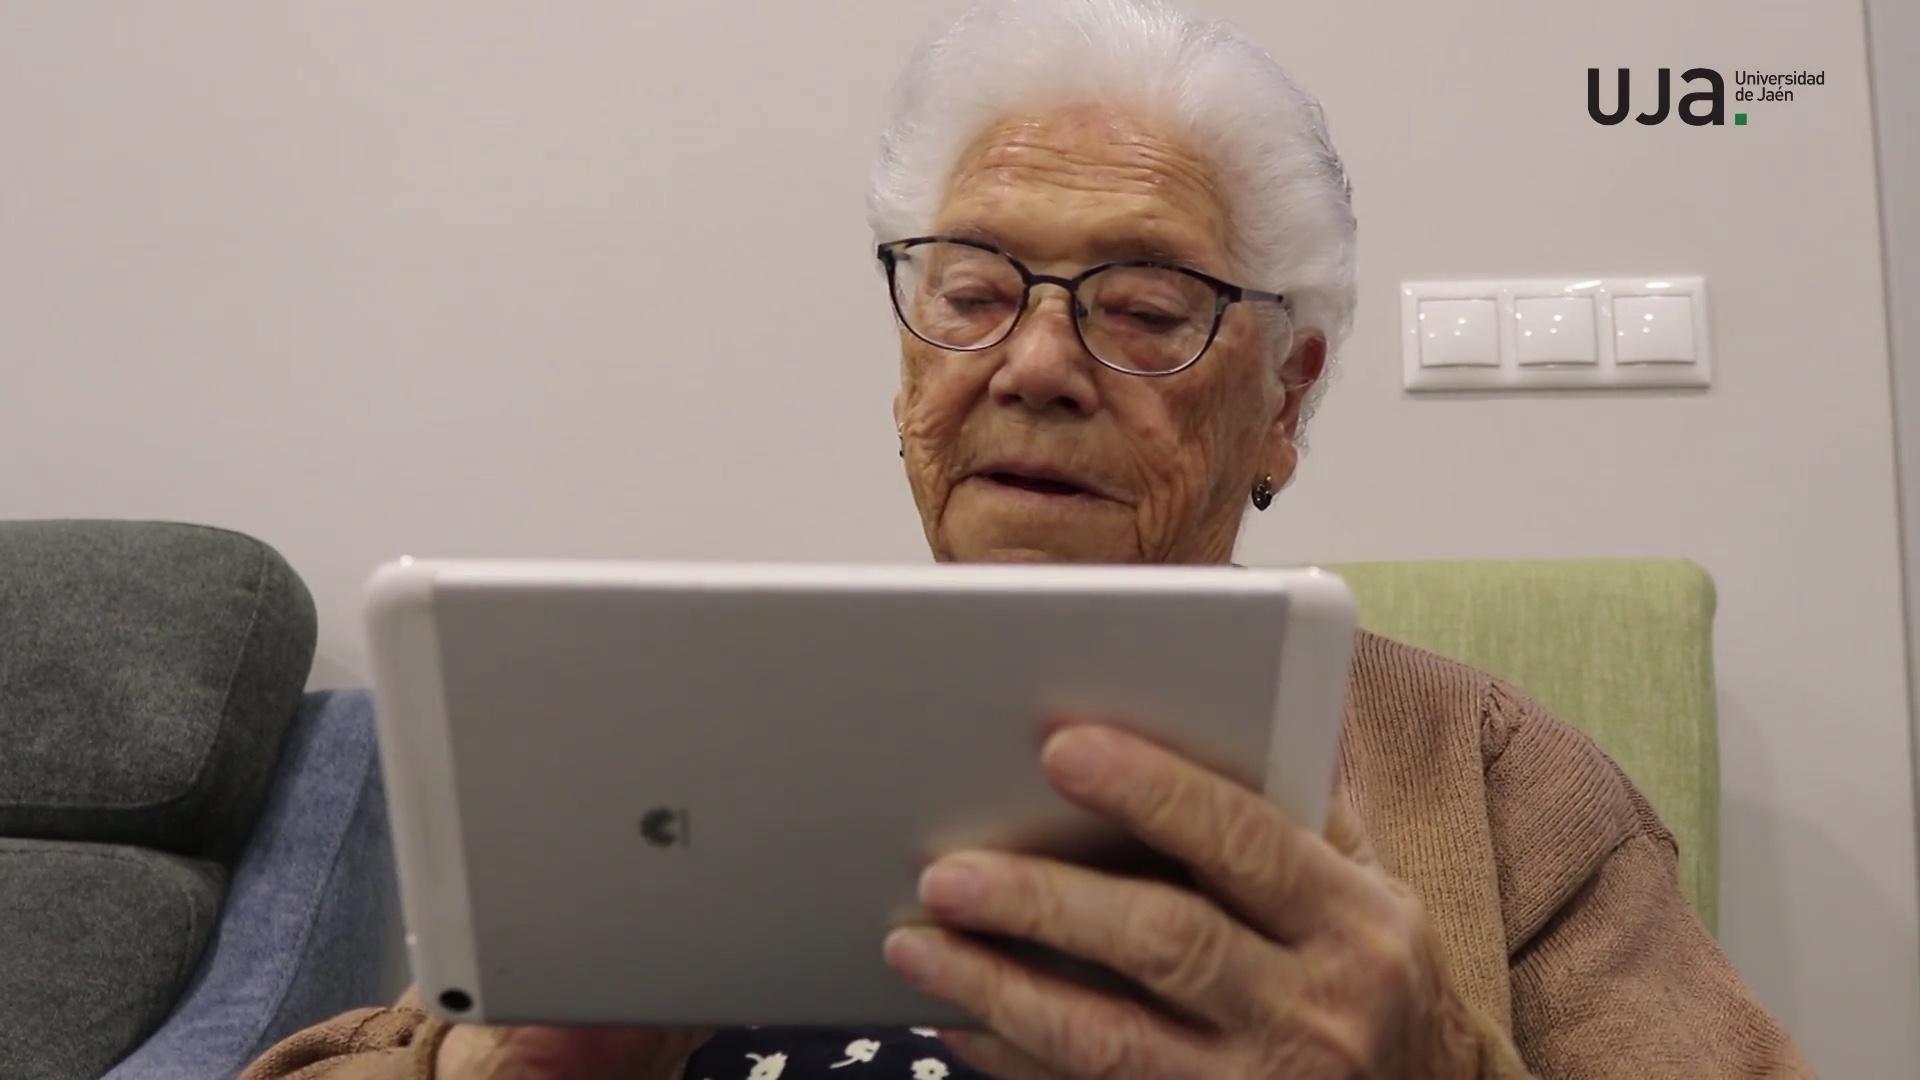 Uso de la tecnología con personas mayores como fuente de empleo para trabajadores sociales